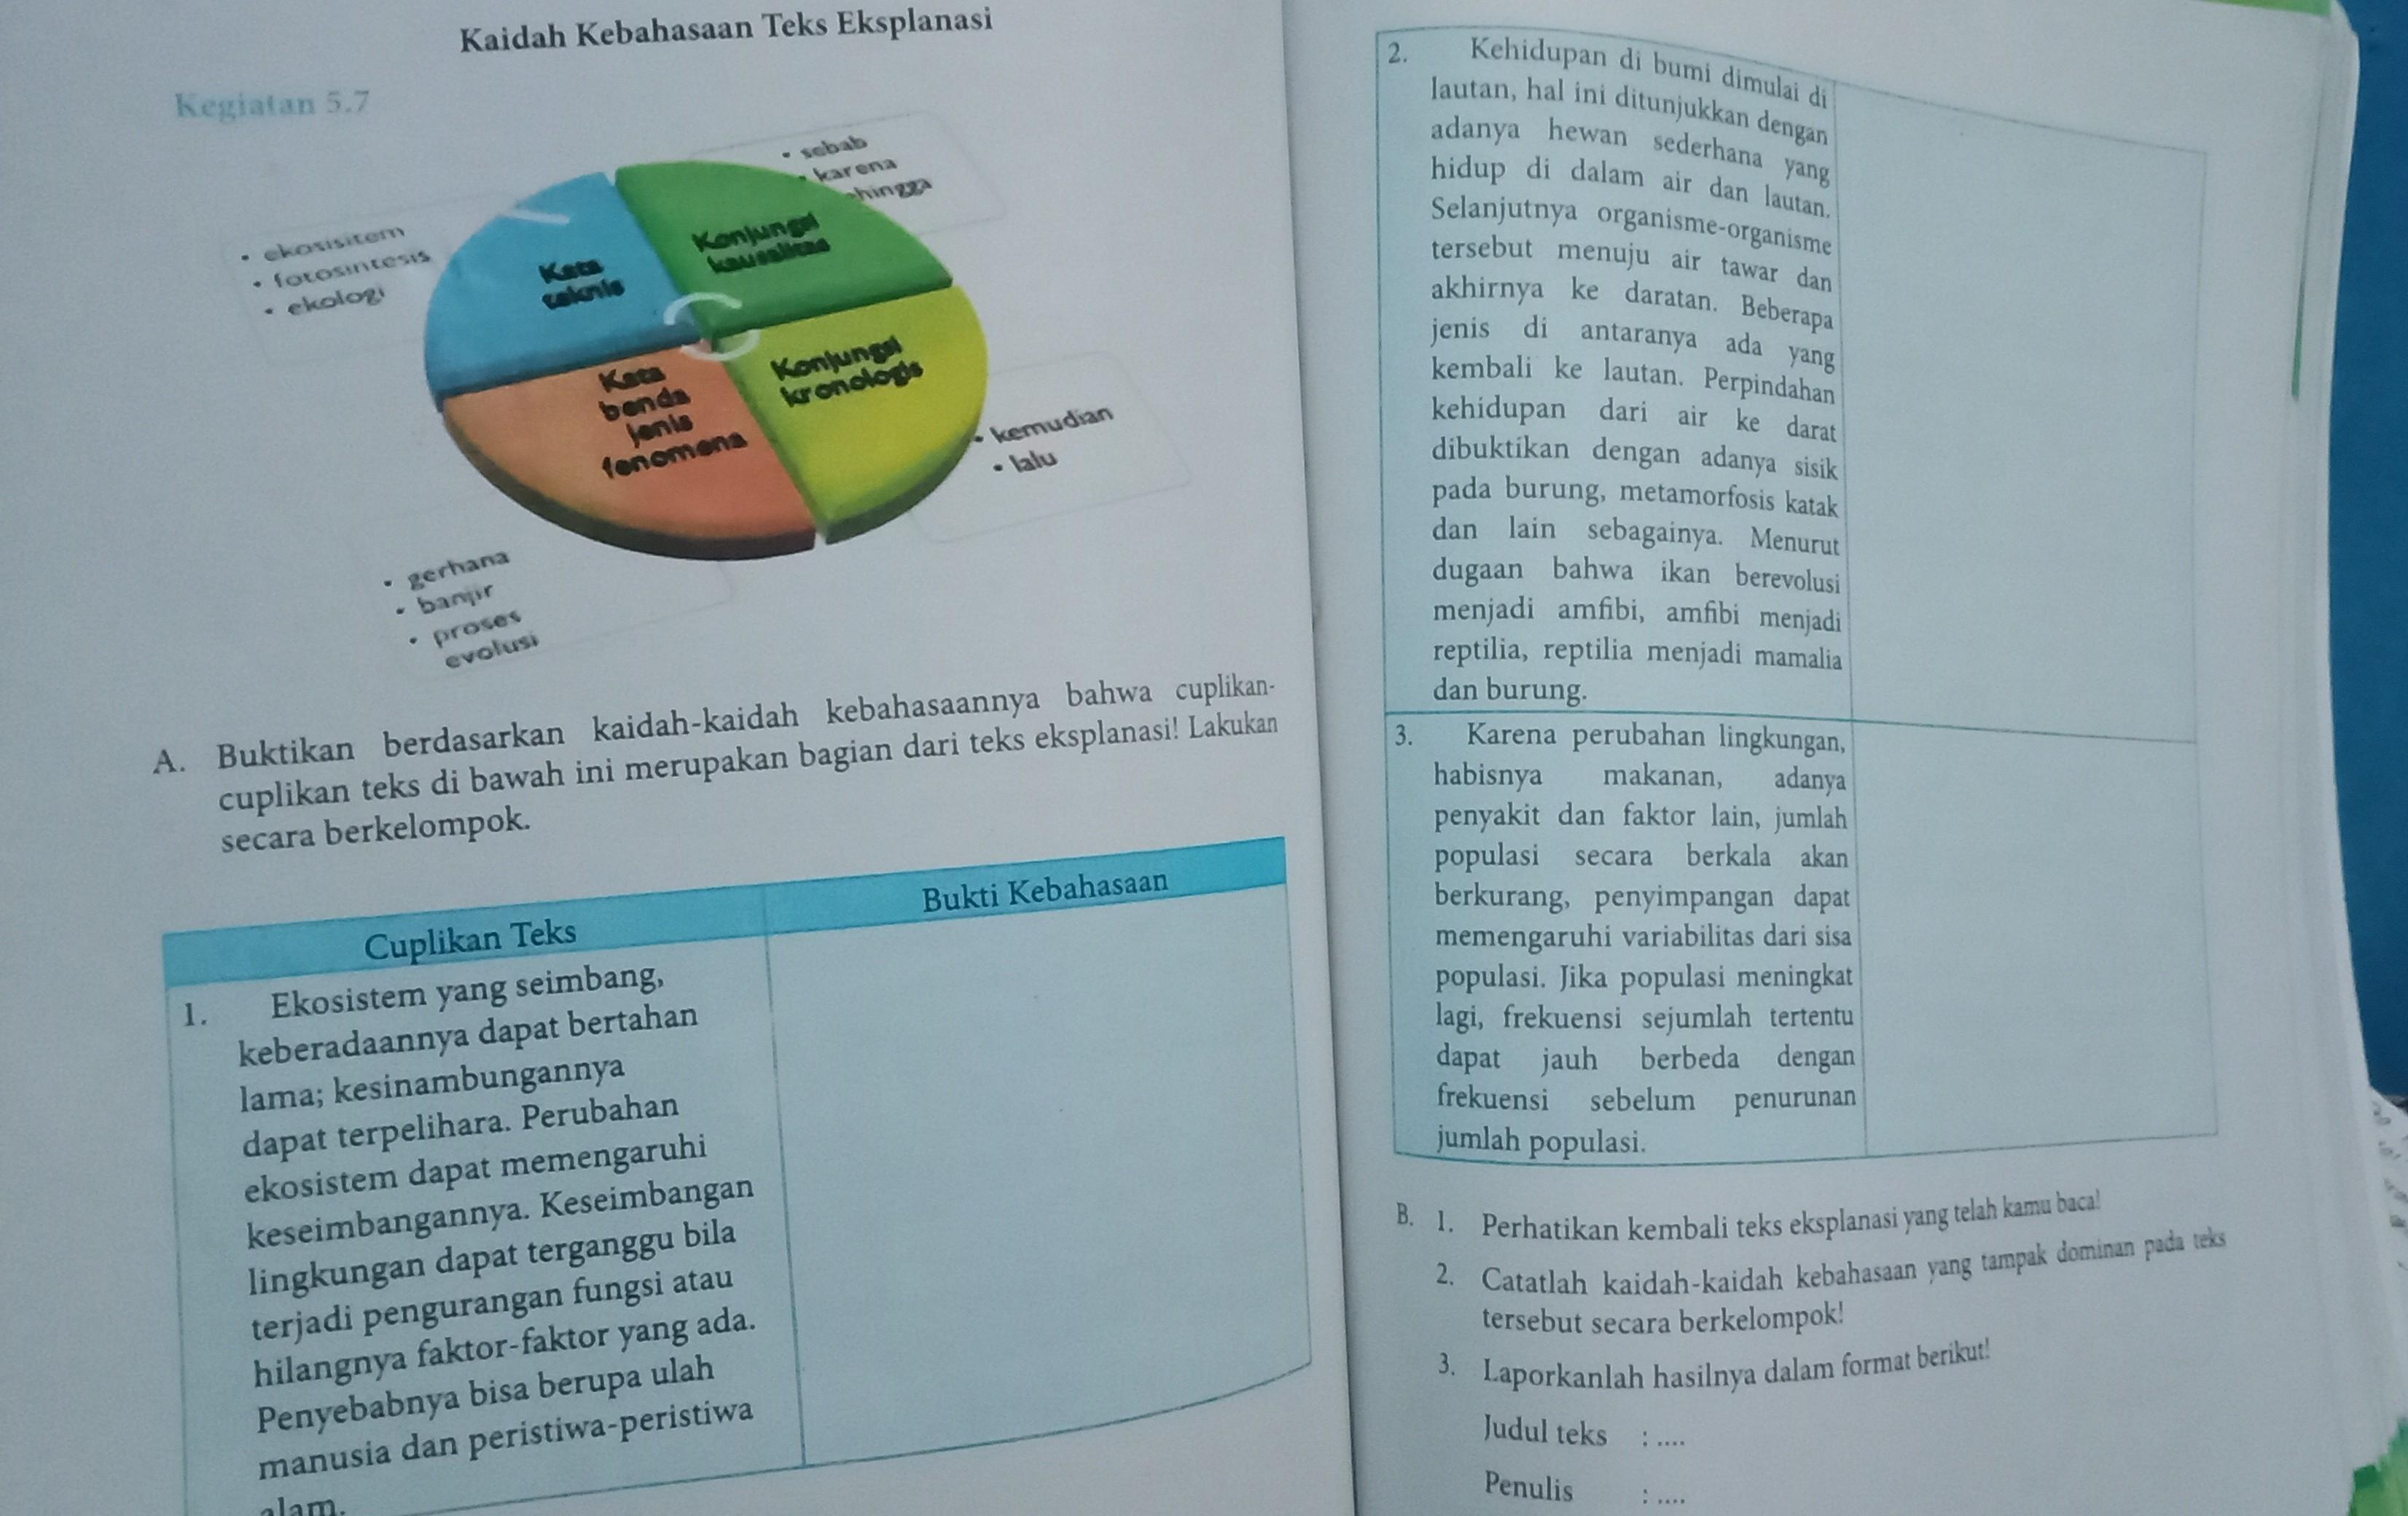 Jawaban Buku Paket Bahasa Jawa Kelas 8 Halaman 23 Semester 1